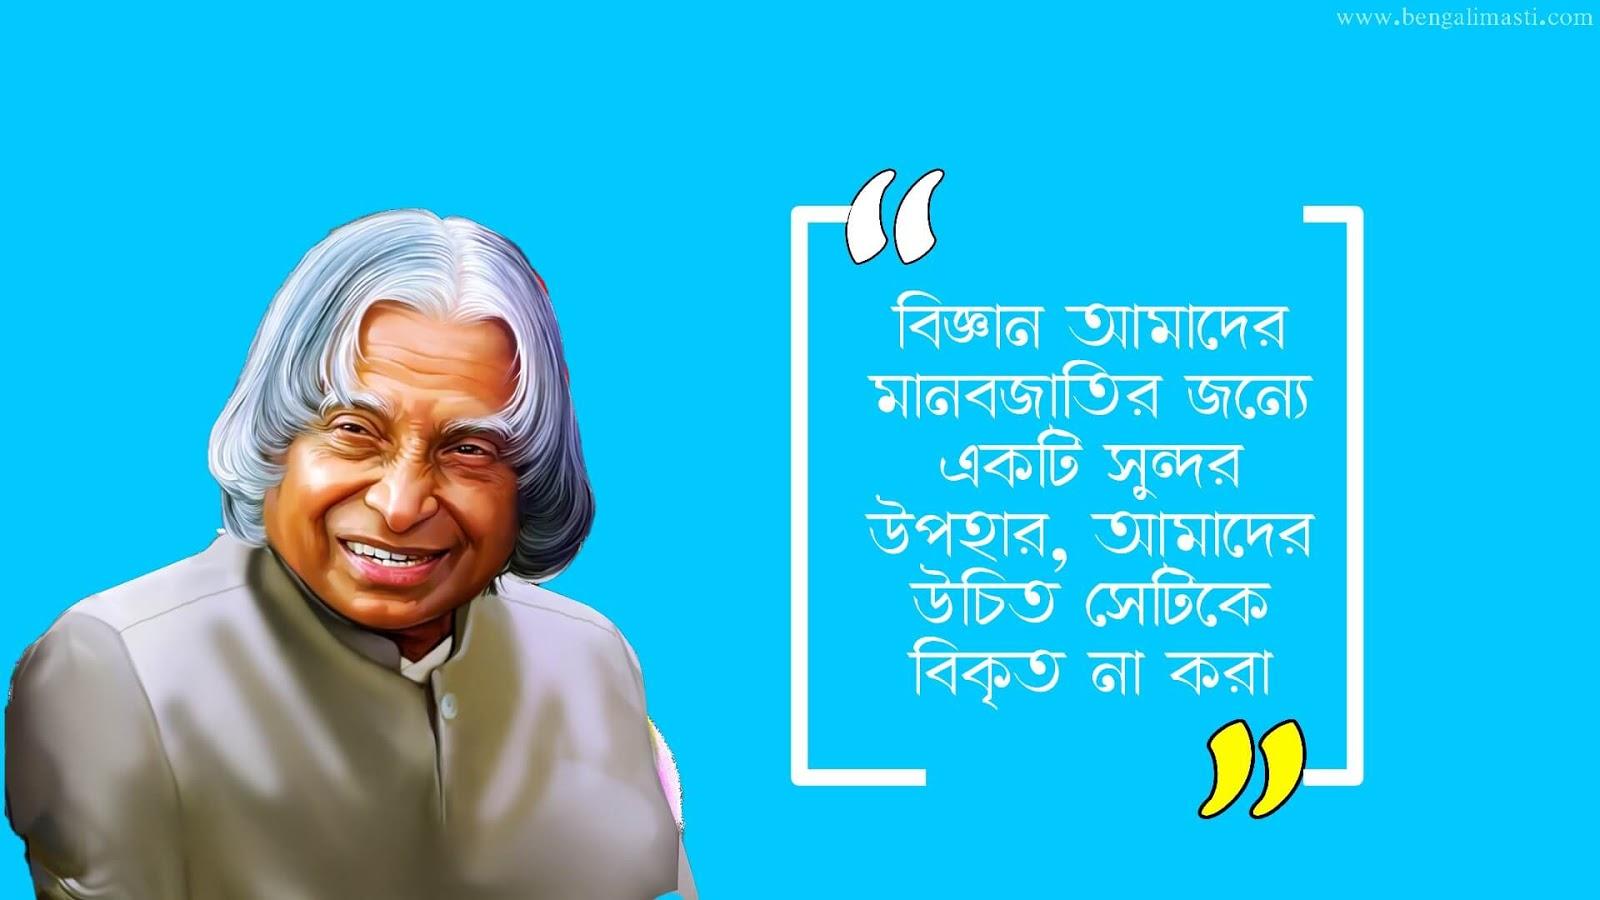 APJ Abdul Kalam Bani in Bengali